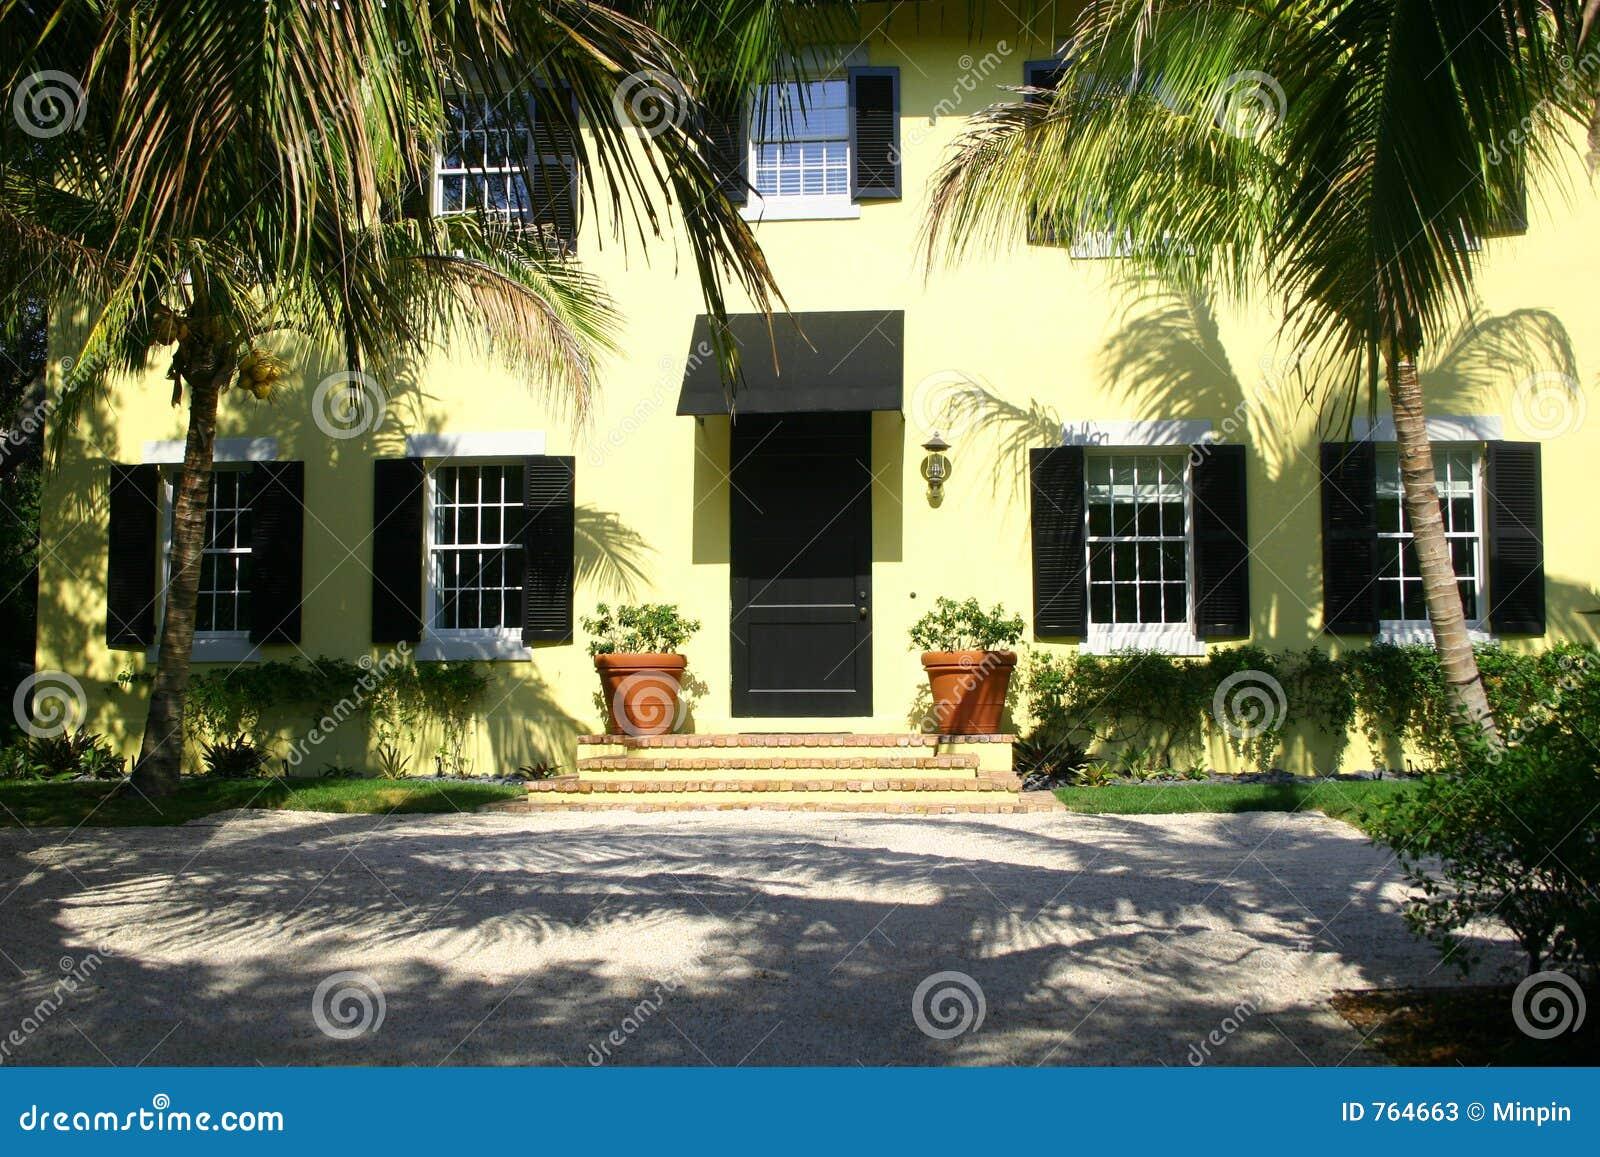 Gelbes Haus Mit Schwarzen Blendenverschlussen Stockbild Bild Von